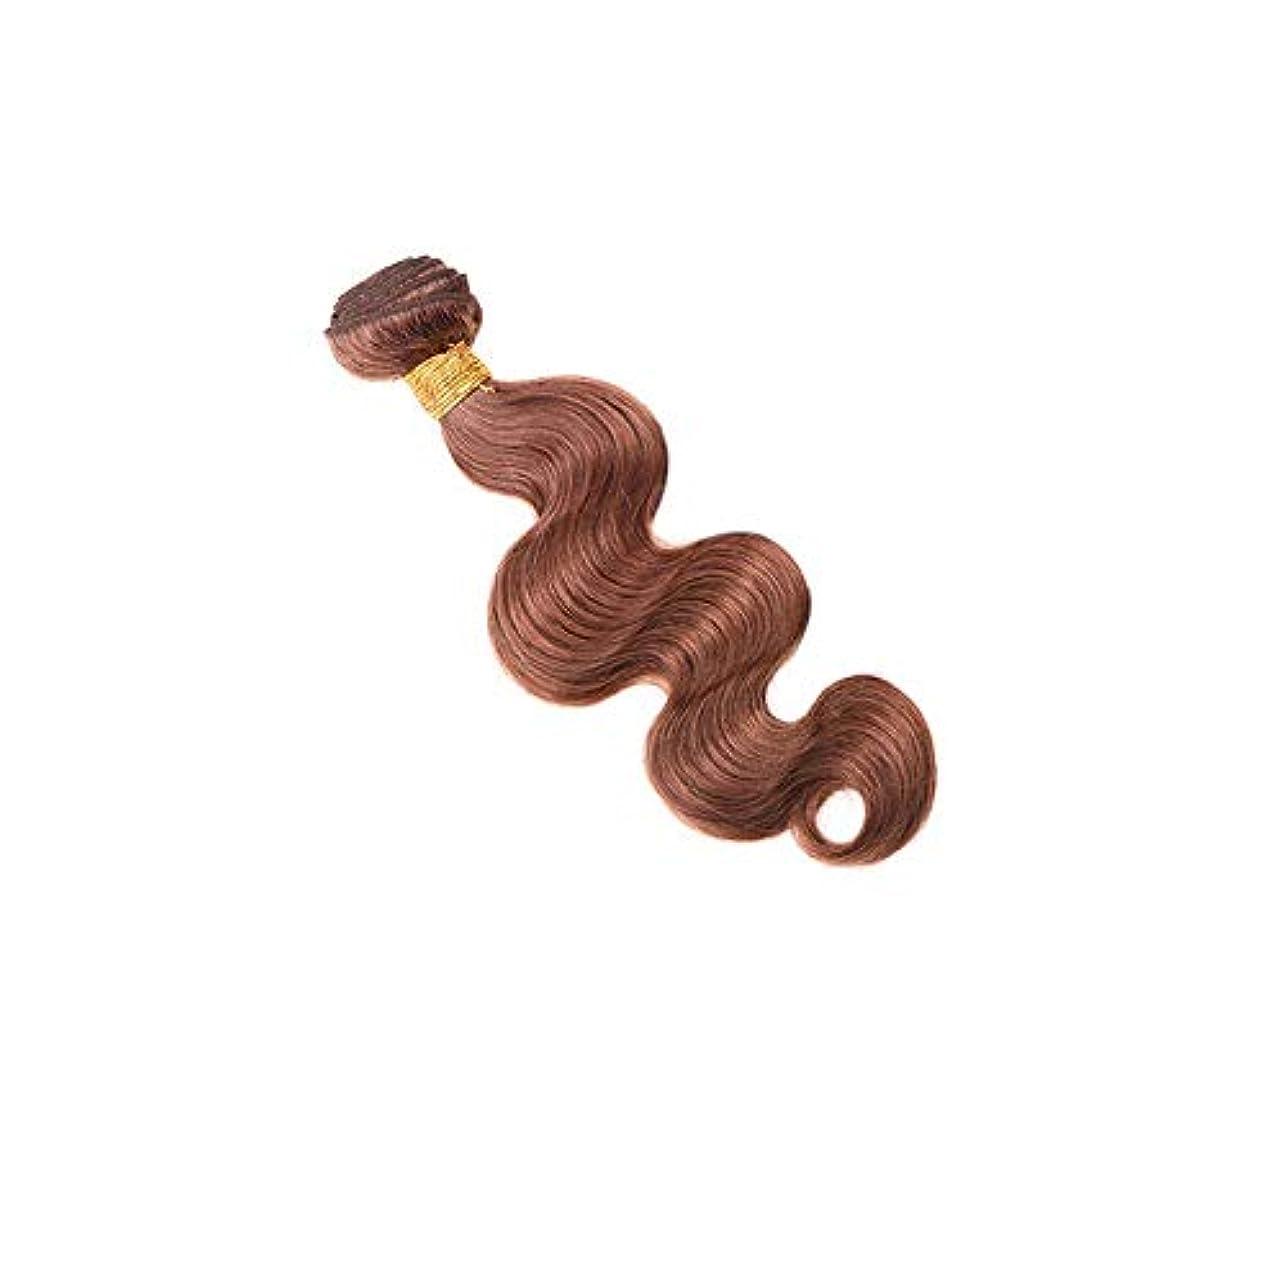 アテンダント無条件アクティビティHOHYLLYA 実体波ヘアエクステンション人間の髪の毛100g / 1束ブラジルの髪織り横糸 - 30#ブラウン色(10